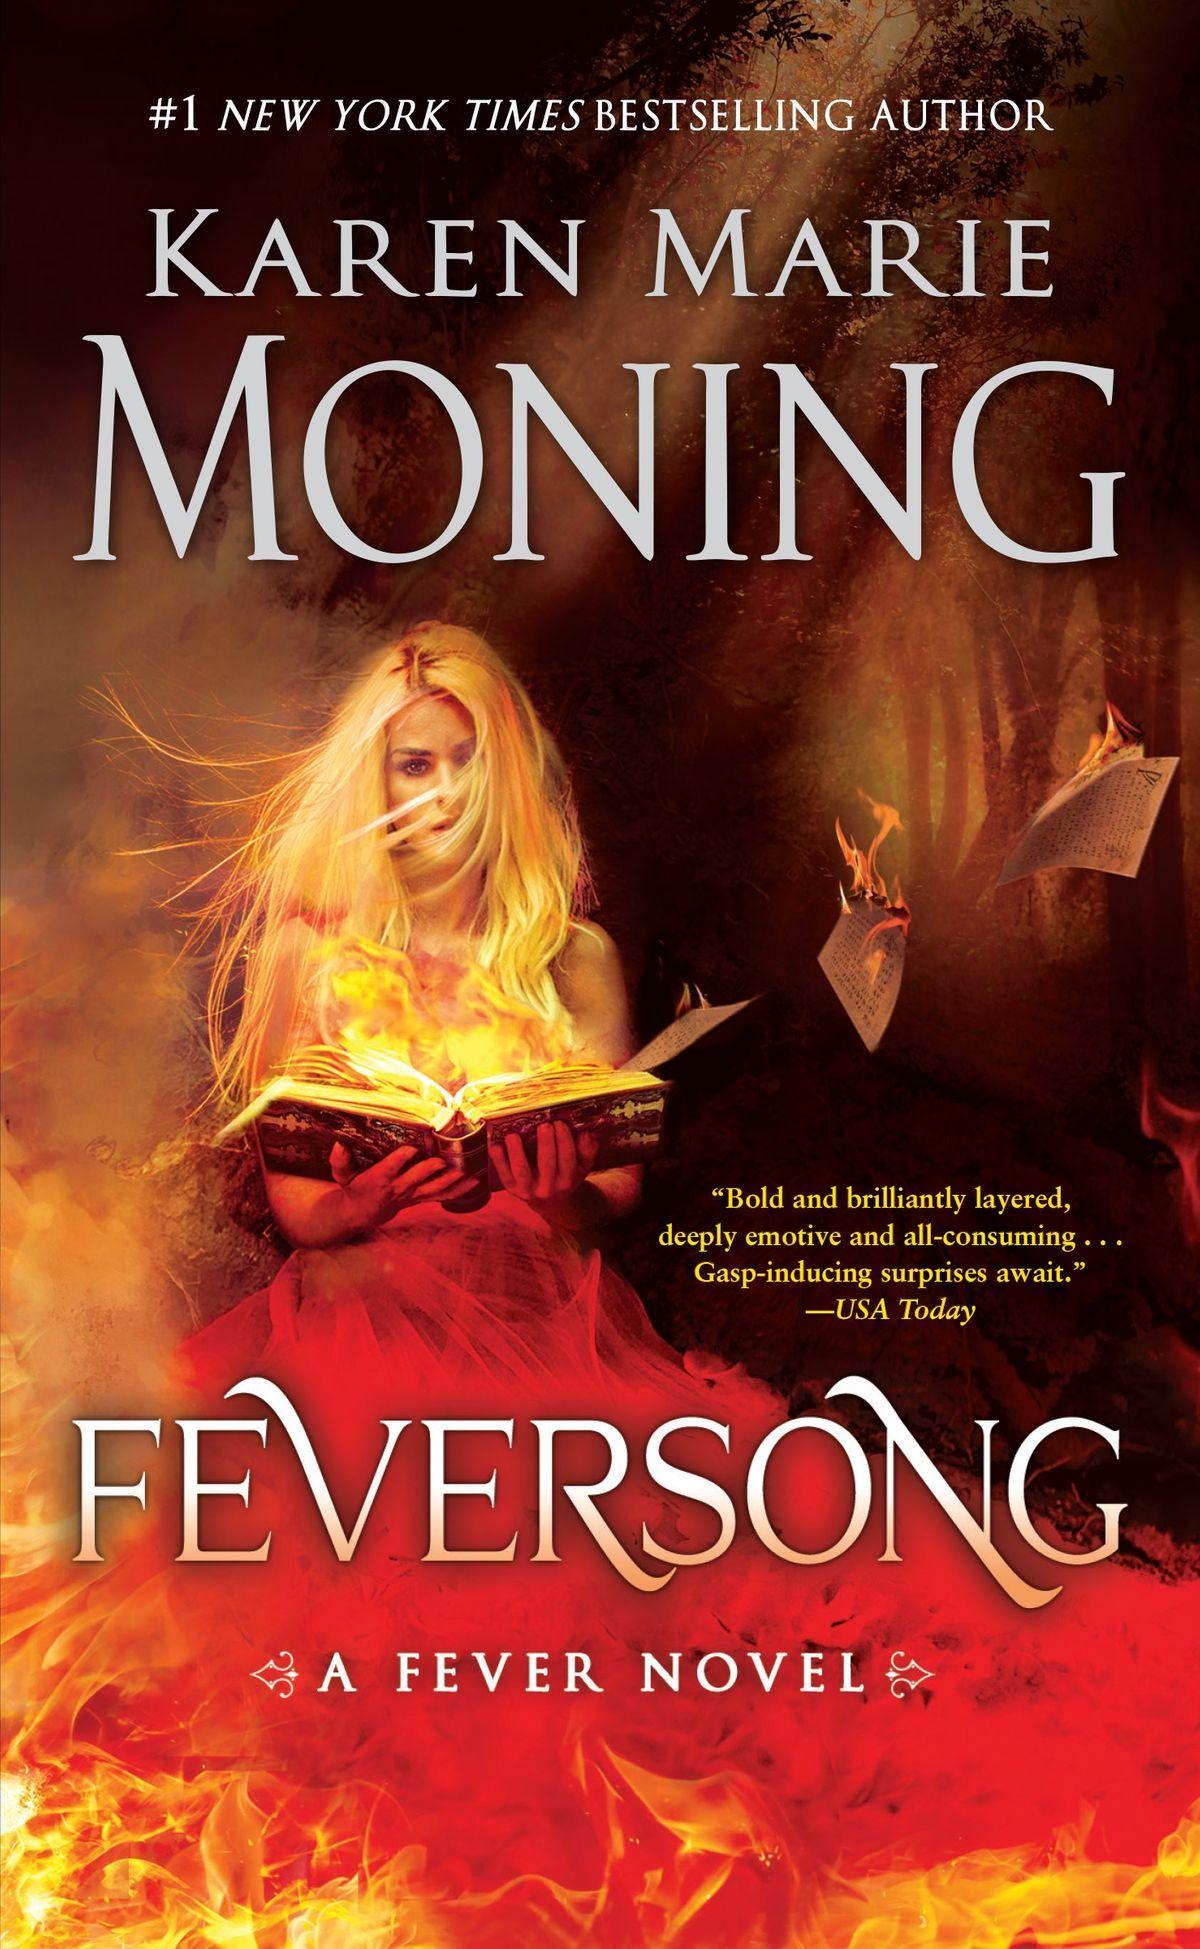 Pdf Feversong Fever 9 By Karen Marie Moning Karen Marie Moning Fever Series Novels